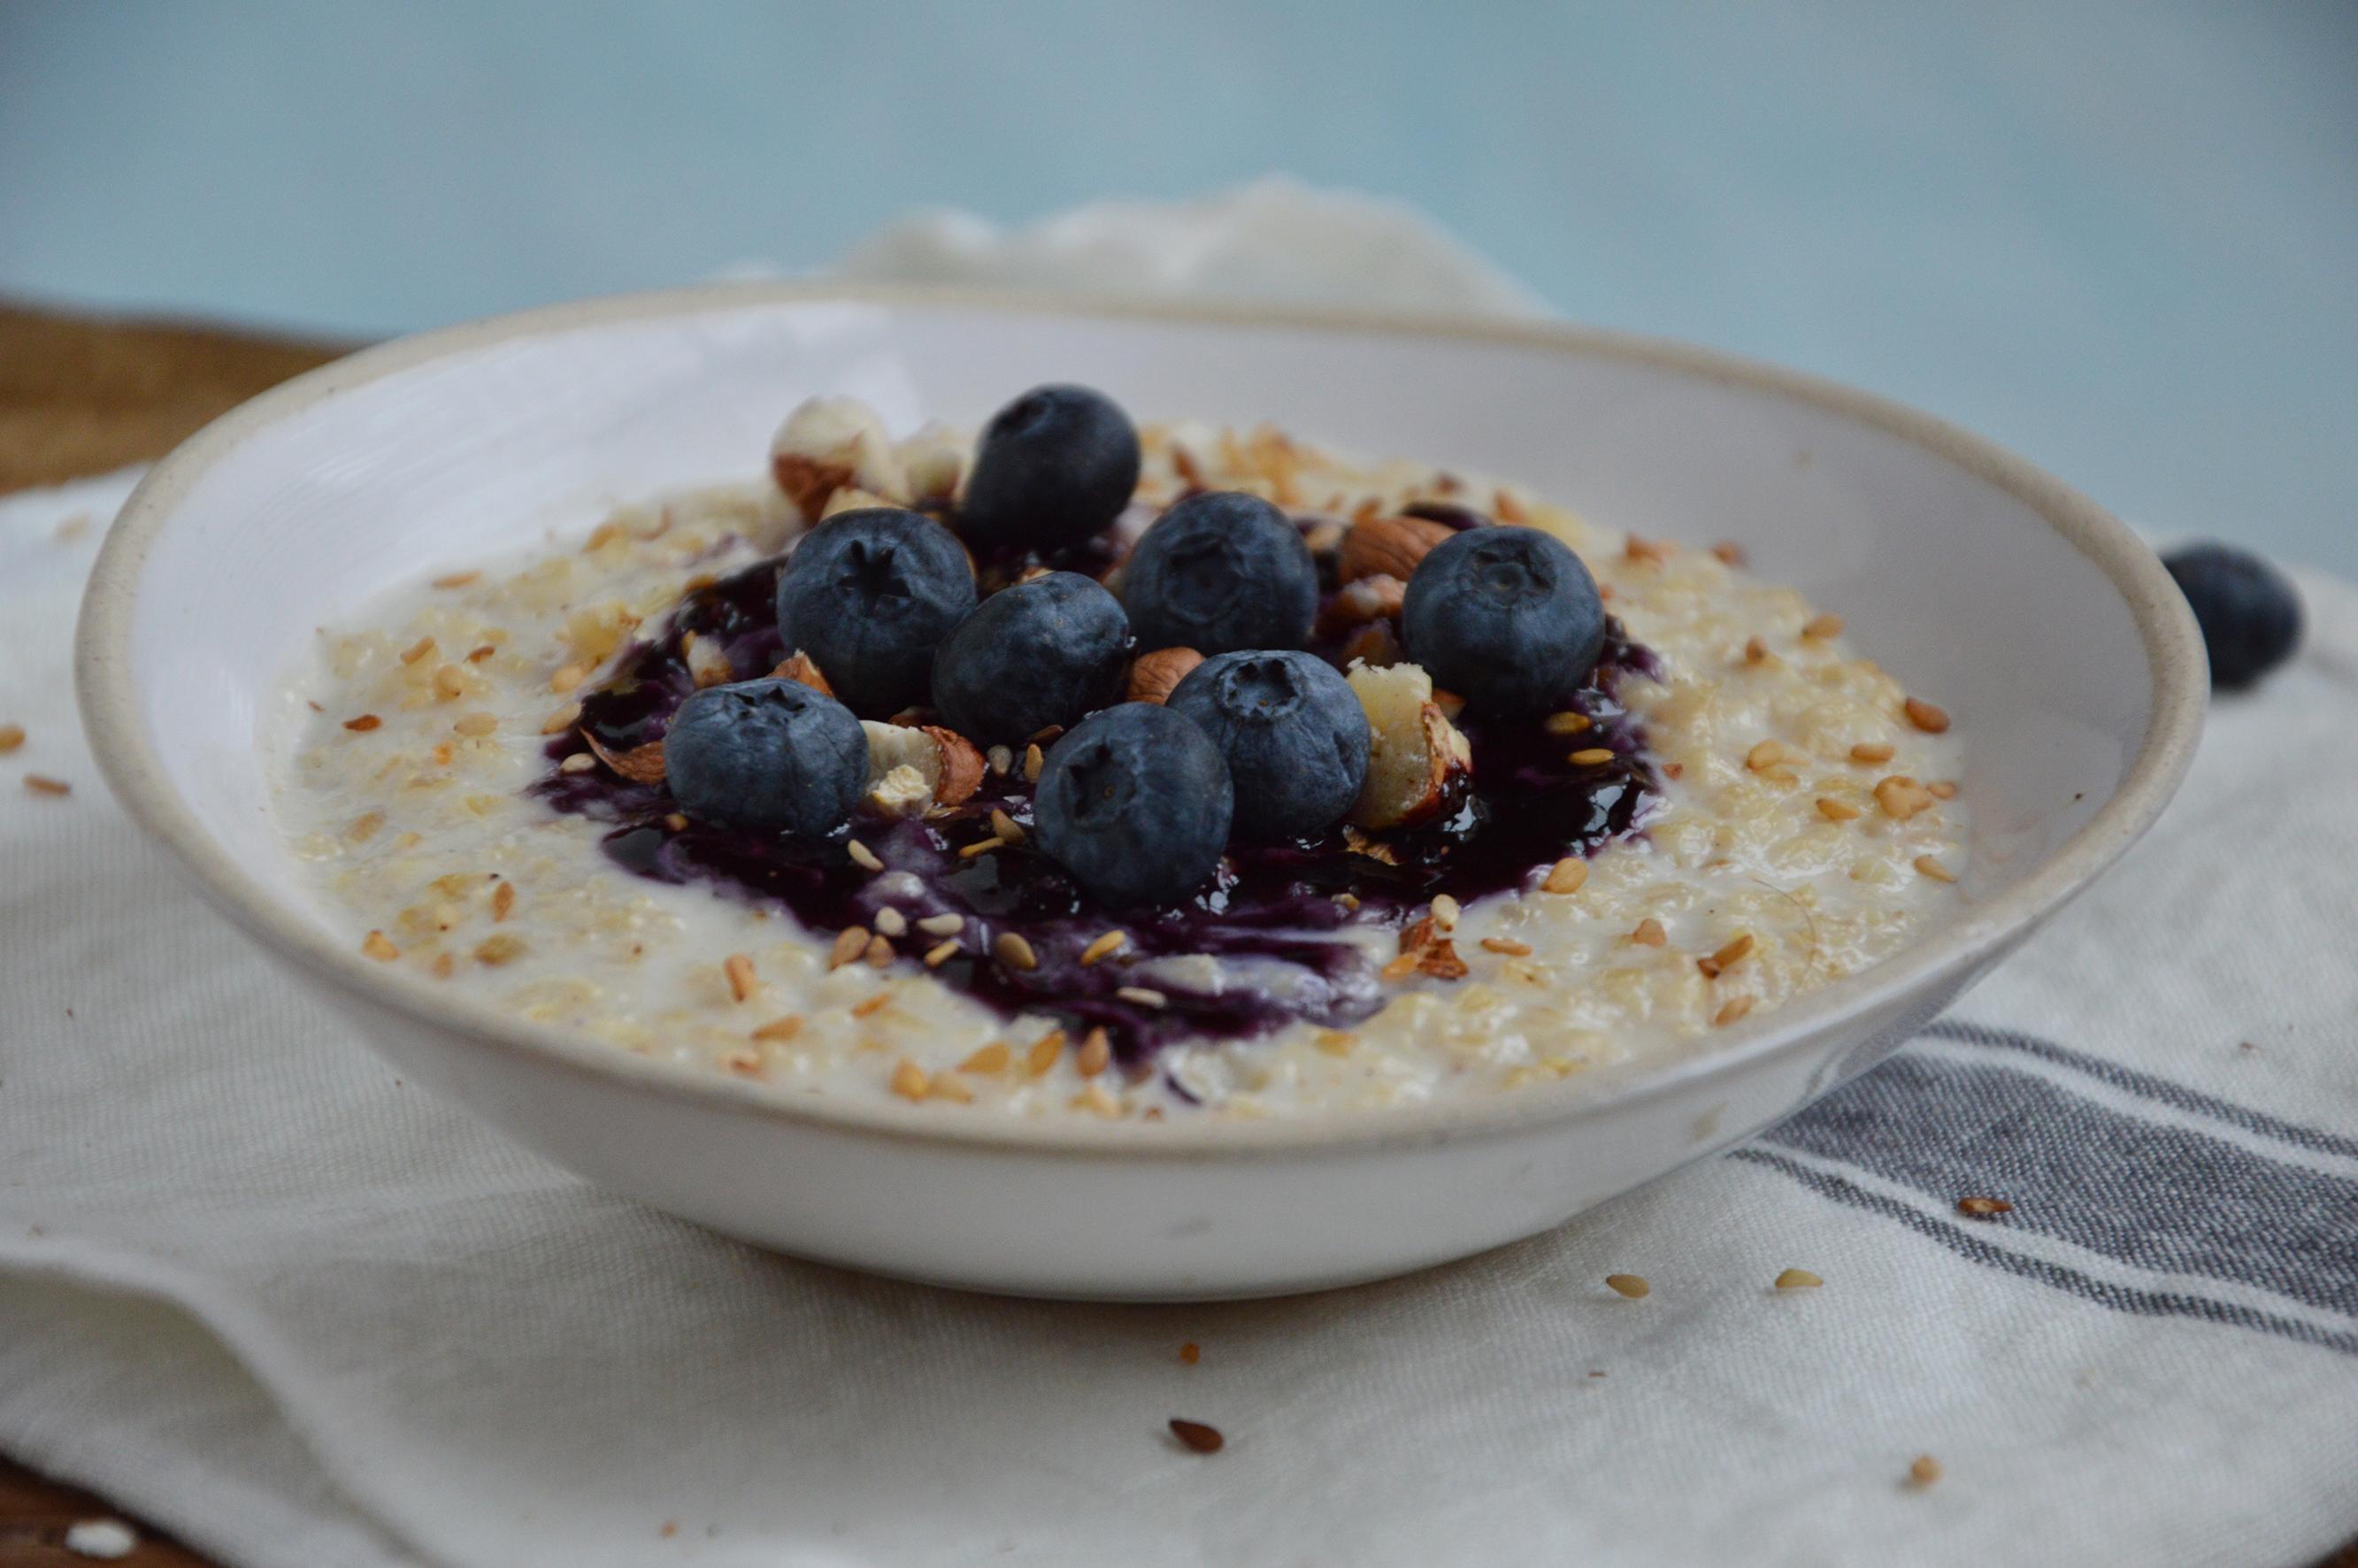 vegan porridge au lait d amande flocons d avoine noisettes s same myrtilles fraiche et. Black Bedroom Furniture Sets. Home Design Ideas